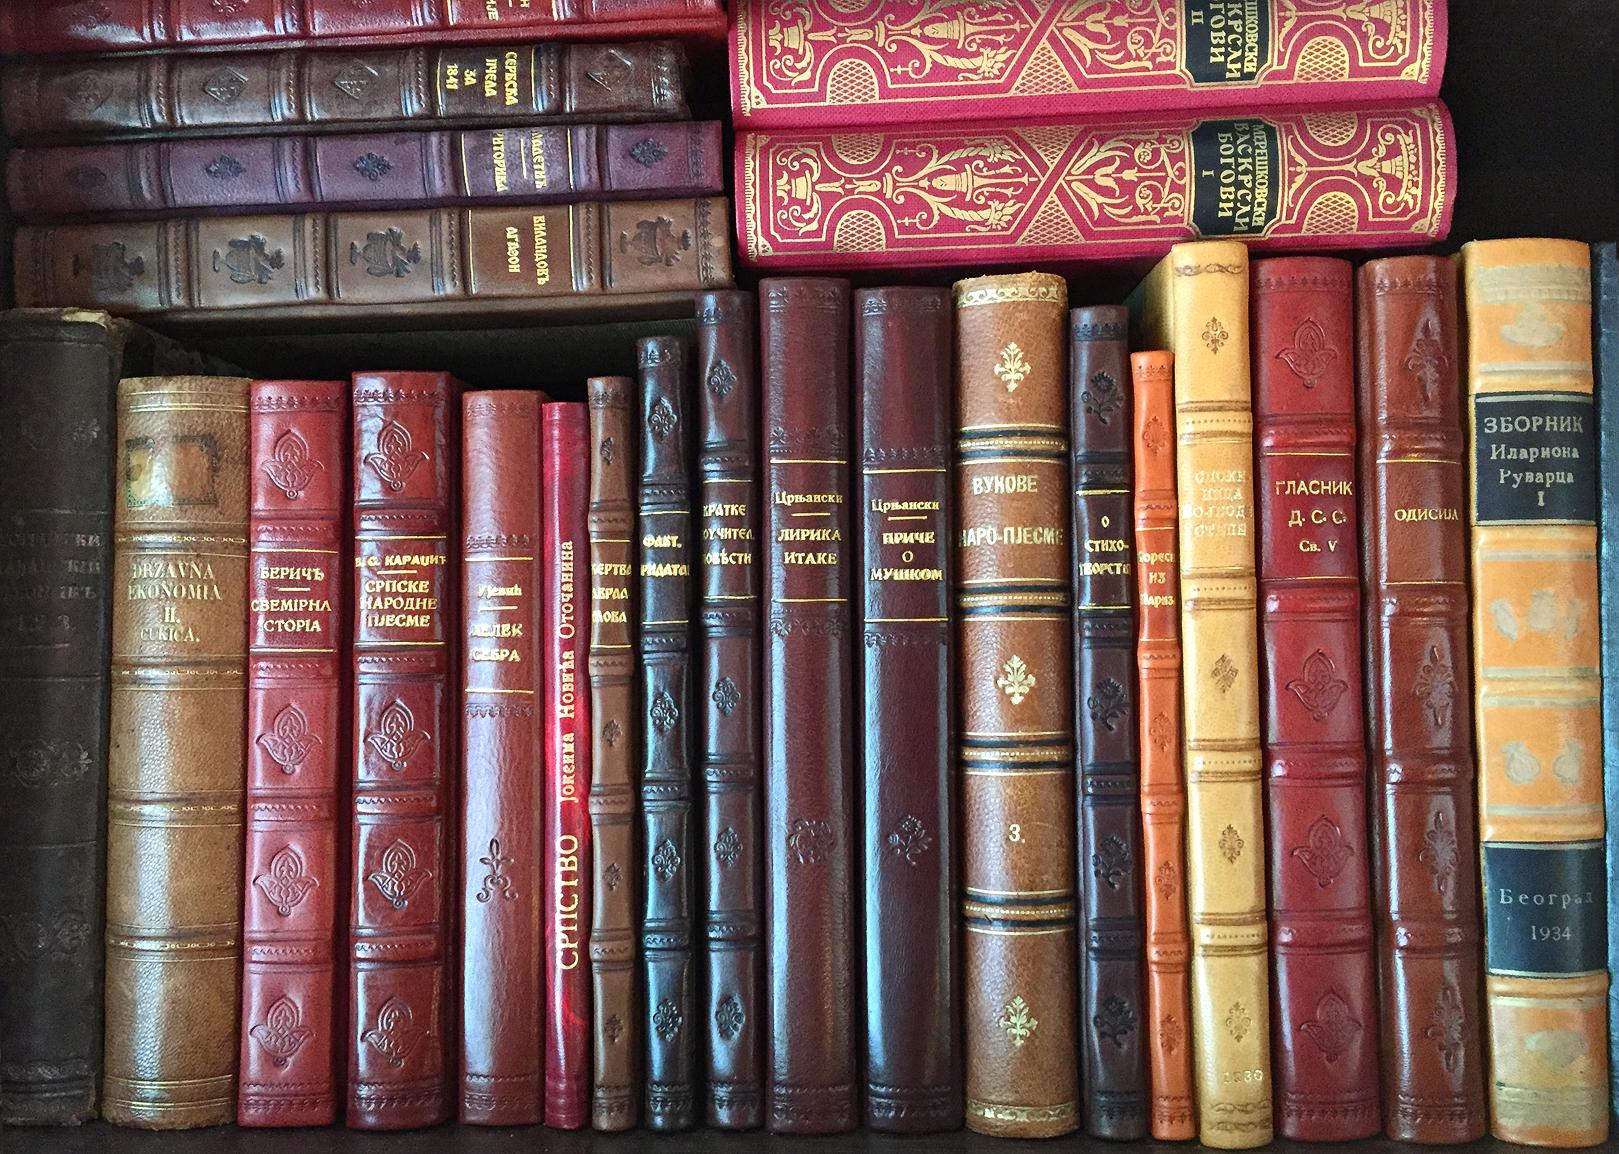 Kolekcija retkih srpskih knjiga